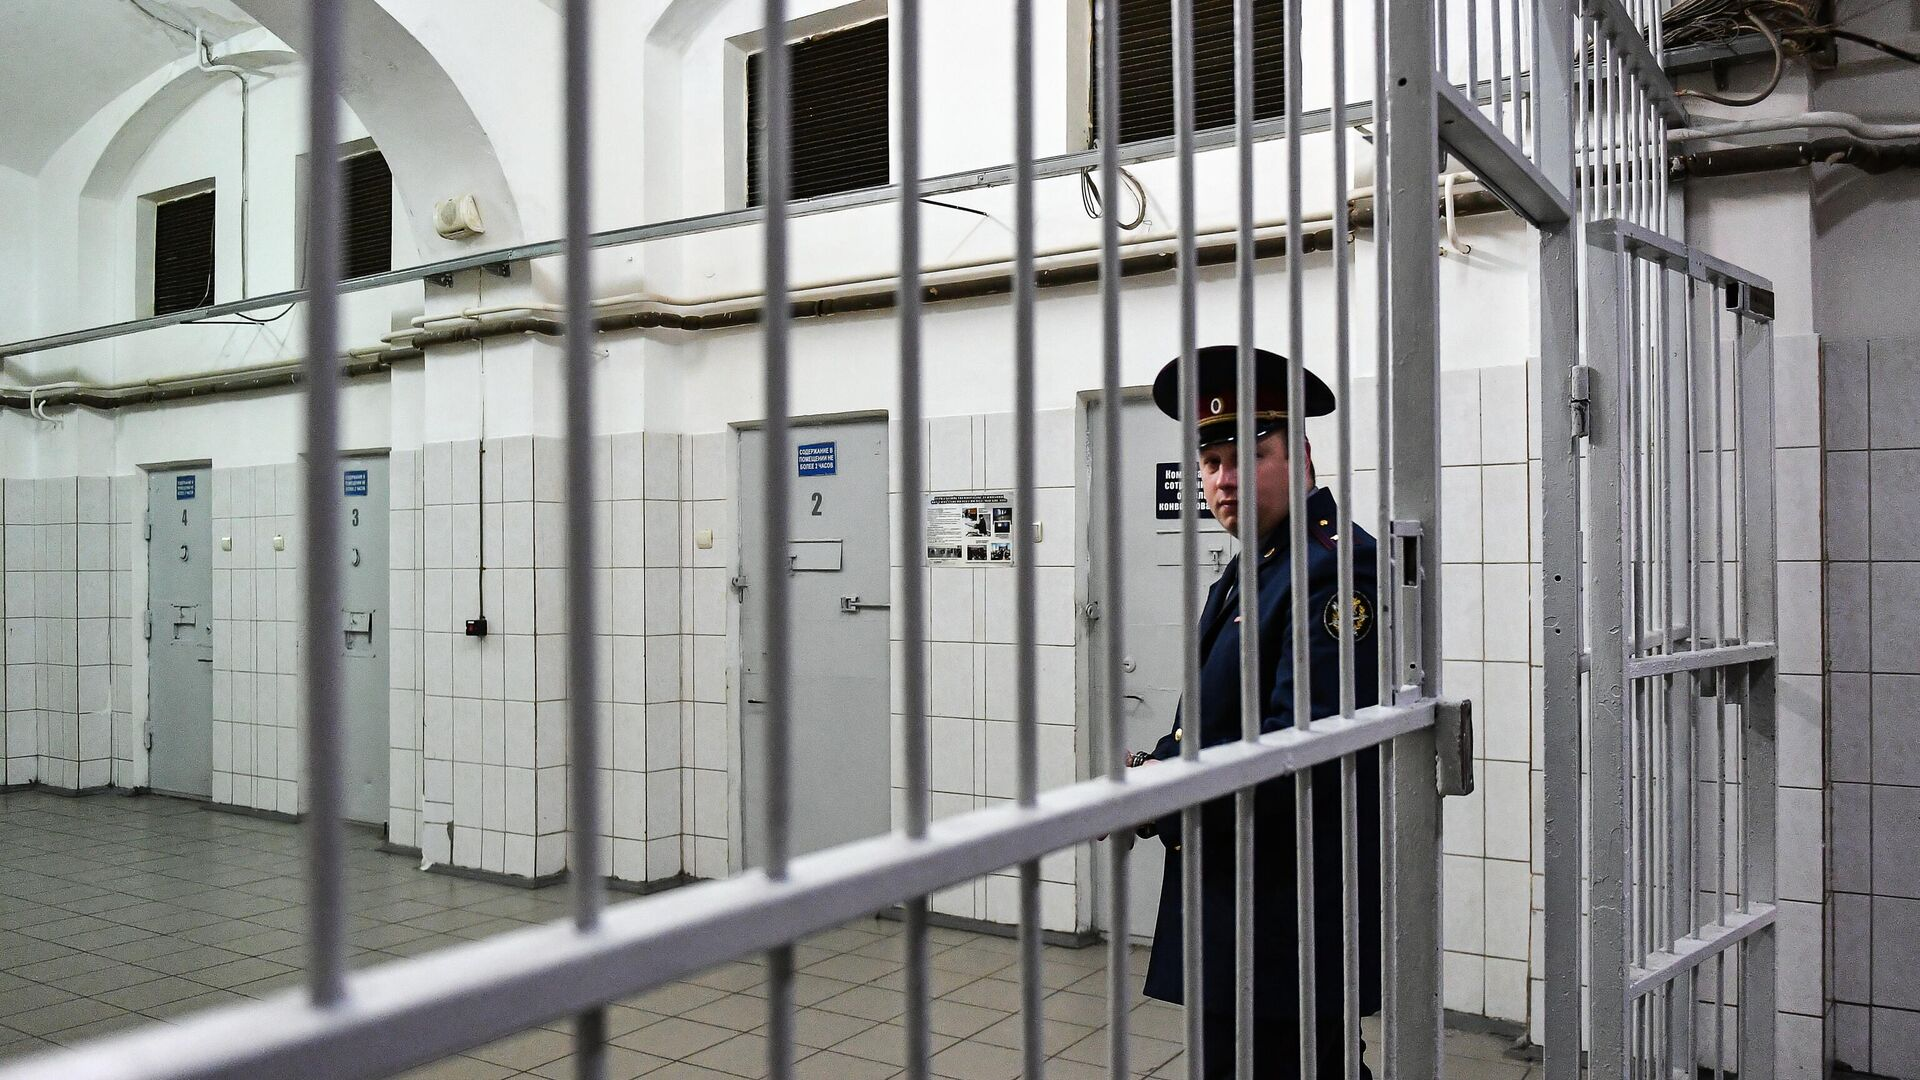 Сотрудник ФСИН России в следственном изоляторе  - РИА Новости, 1920, 03.09.2021